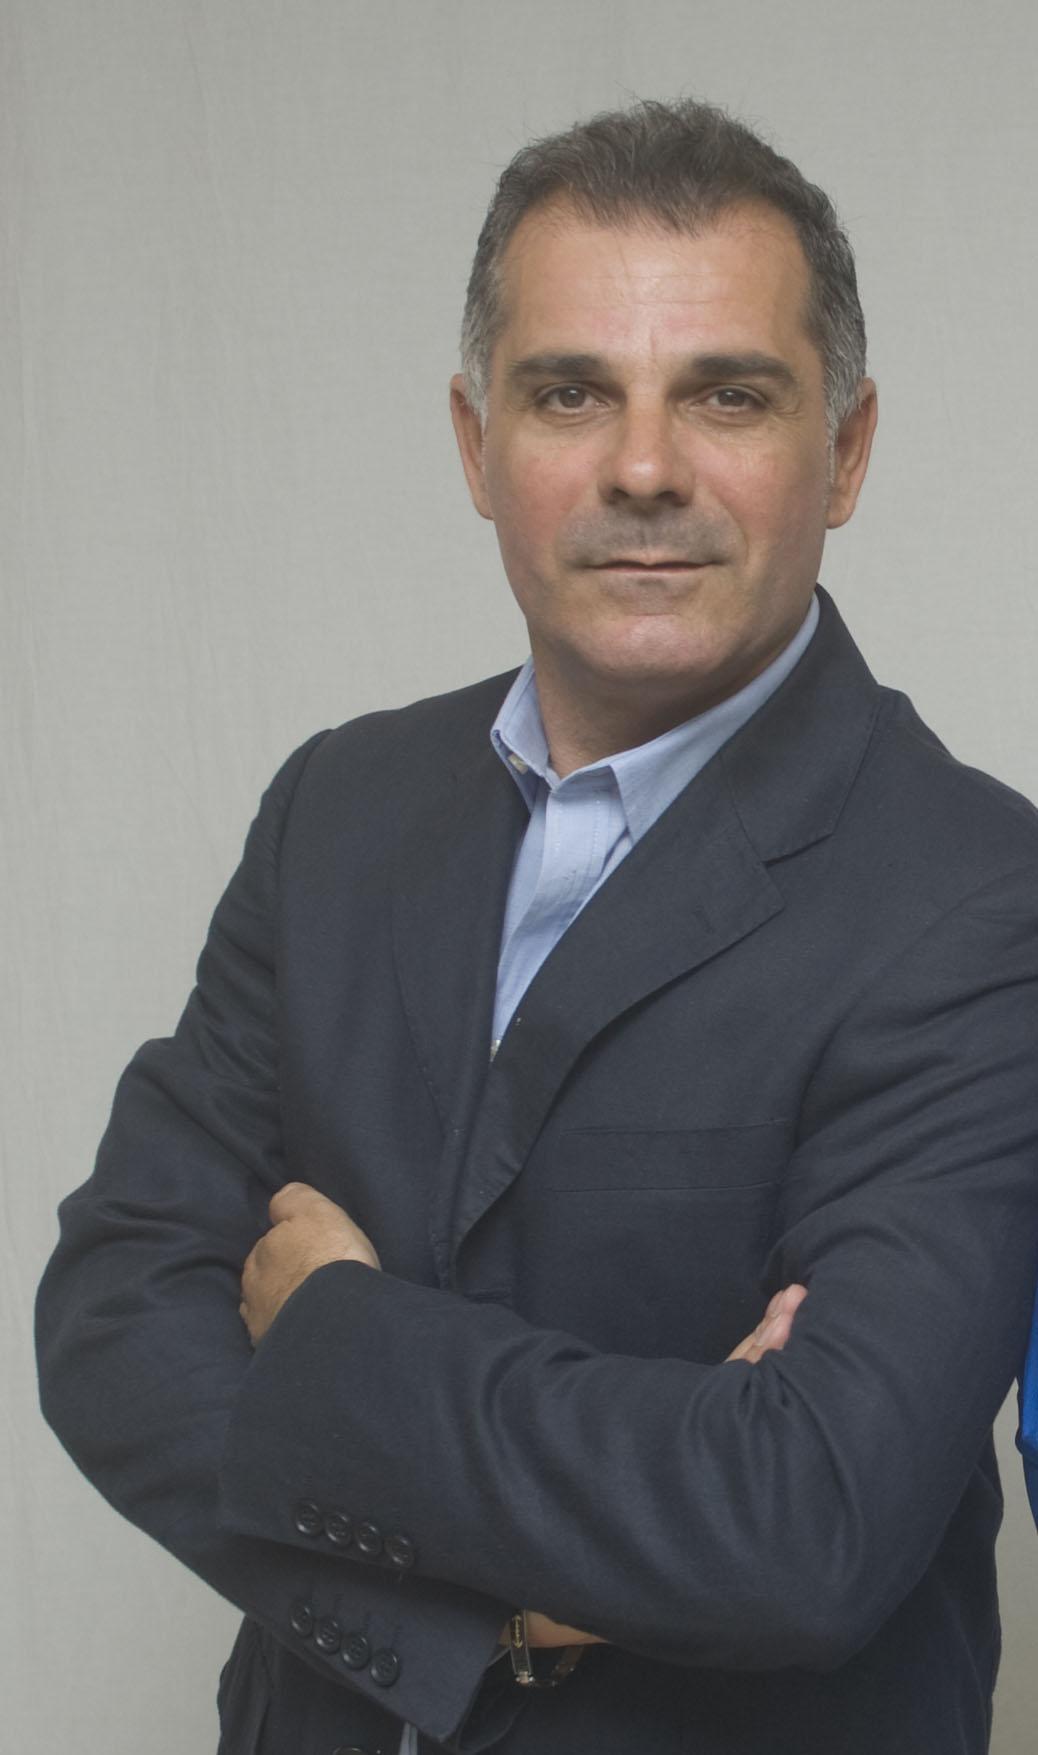 CARLENTINI, Angelo Aliano nuovo assessore della giunta del sindaco Giuseppe Basso